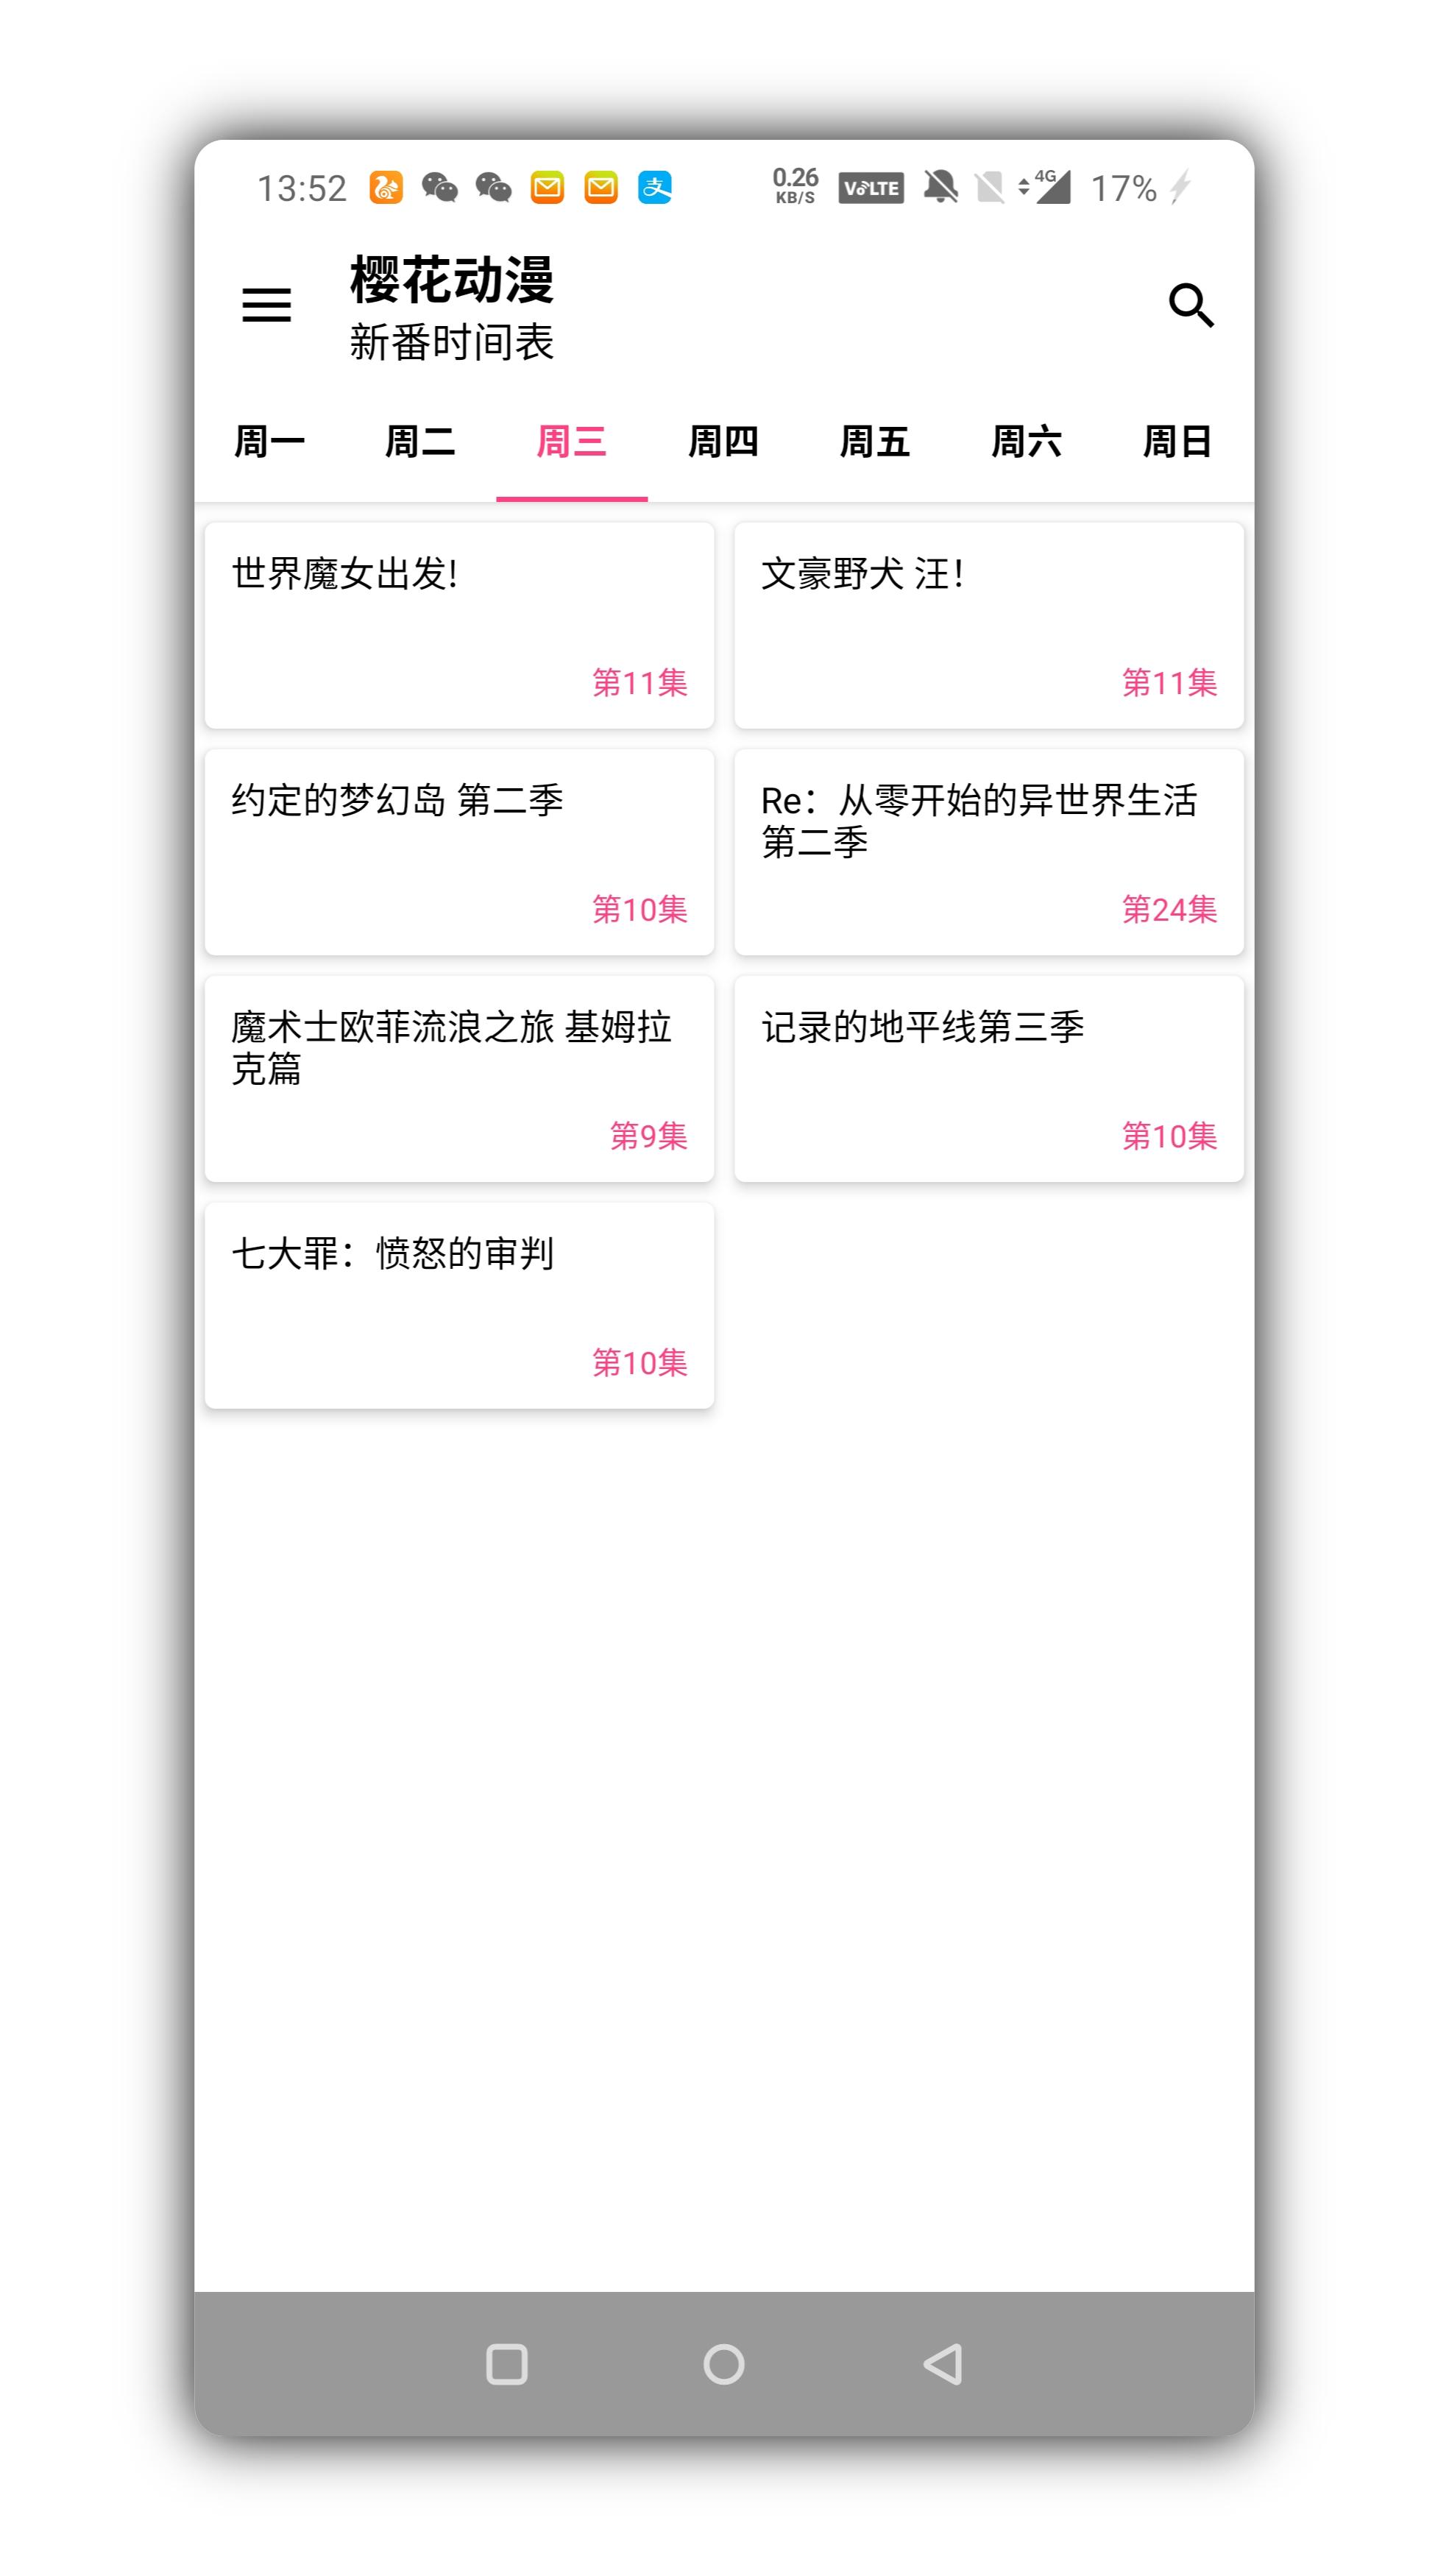 樱花动漫优化版截图1